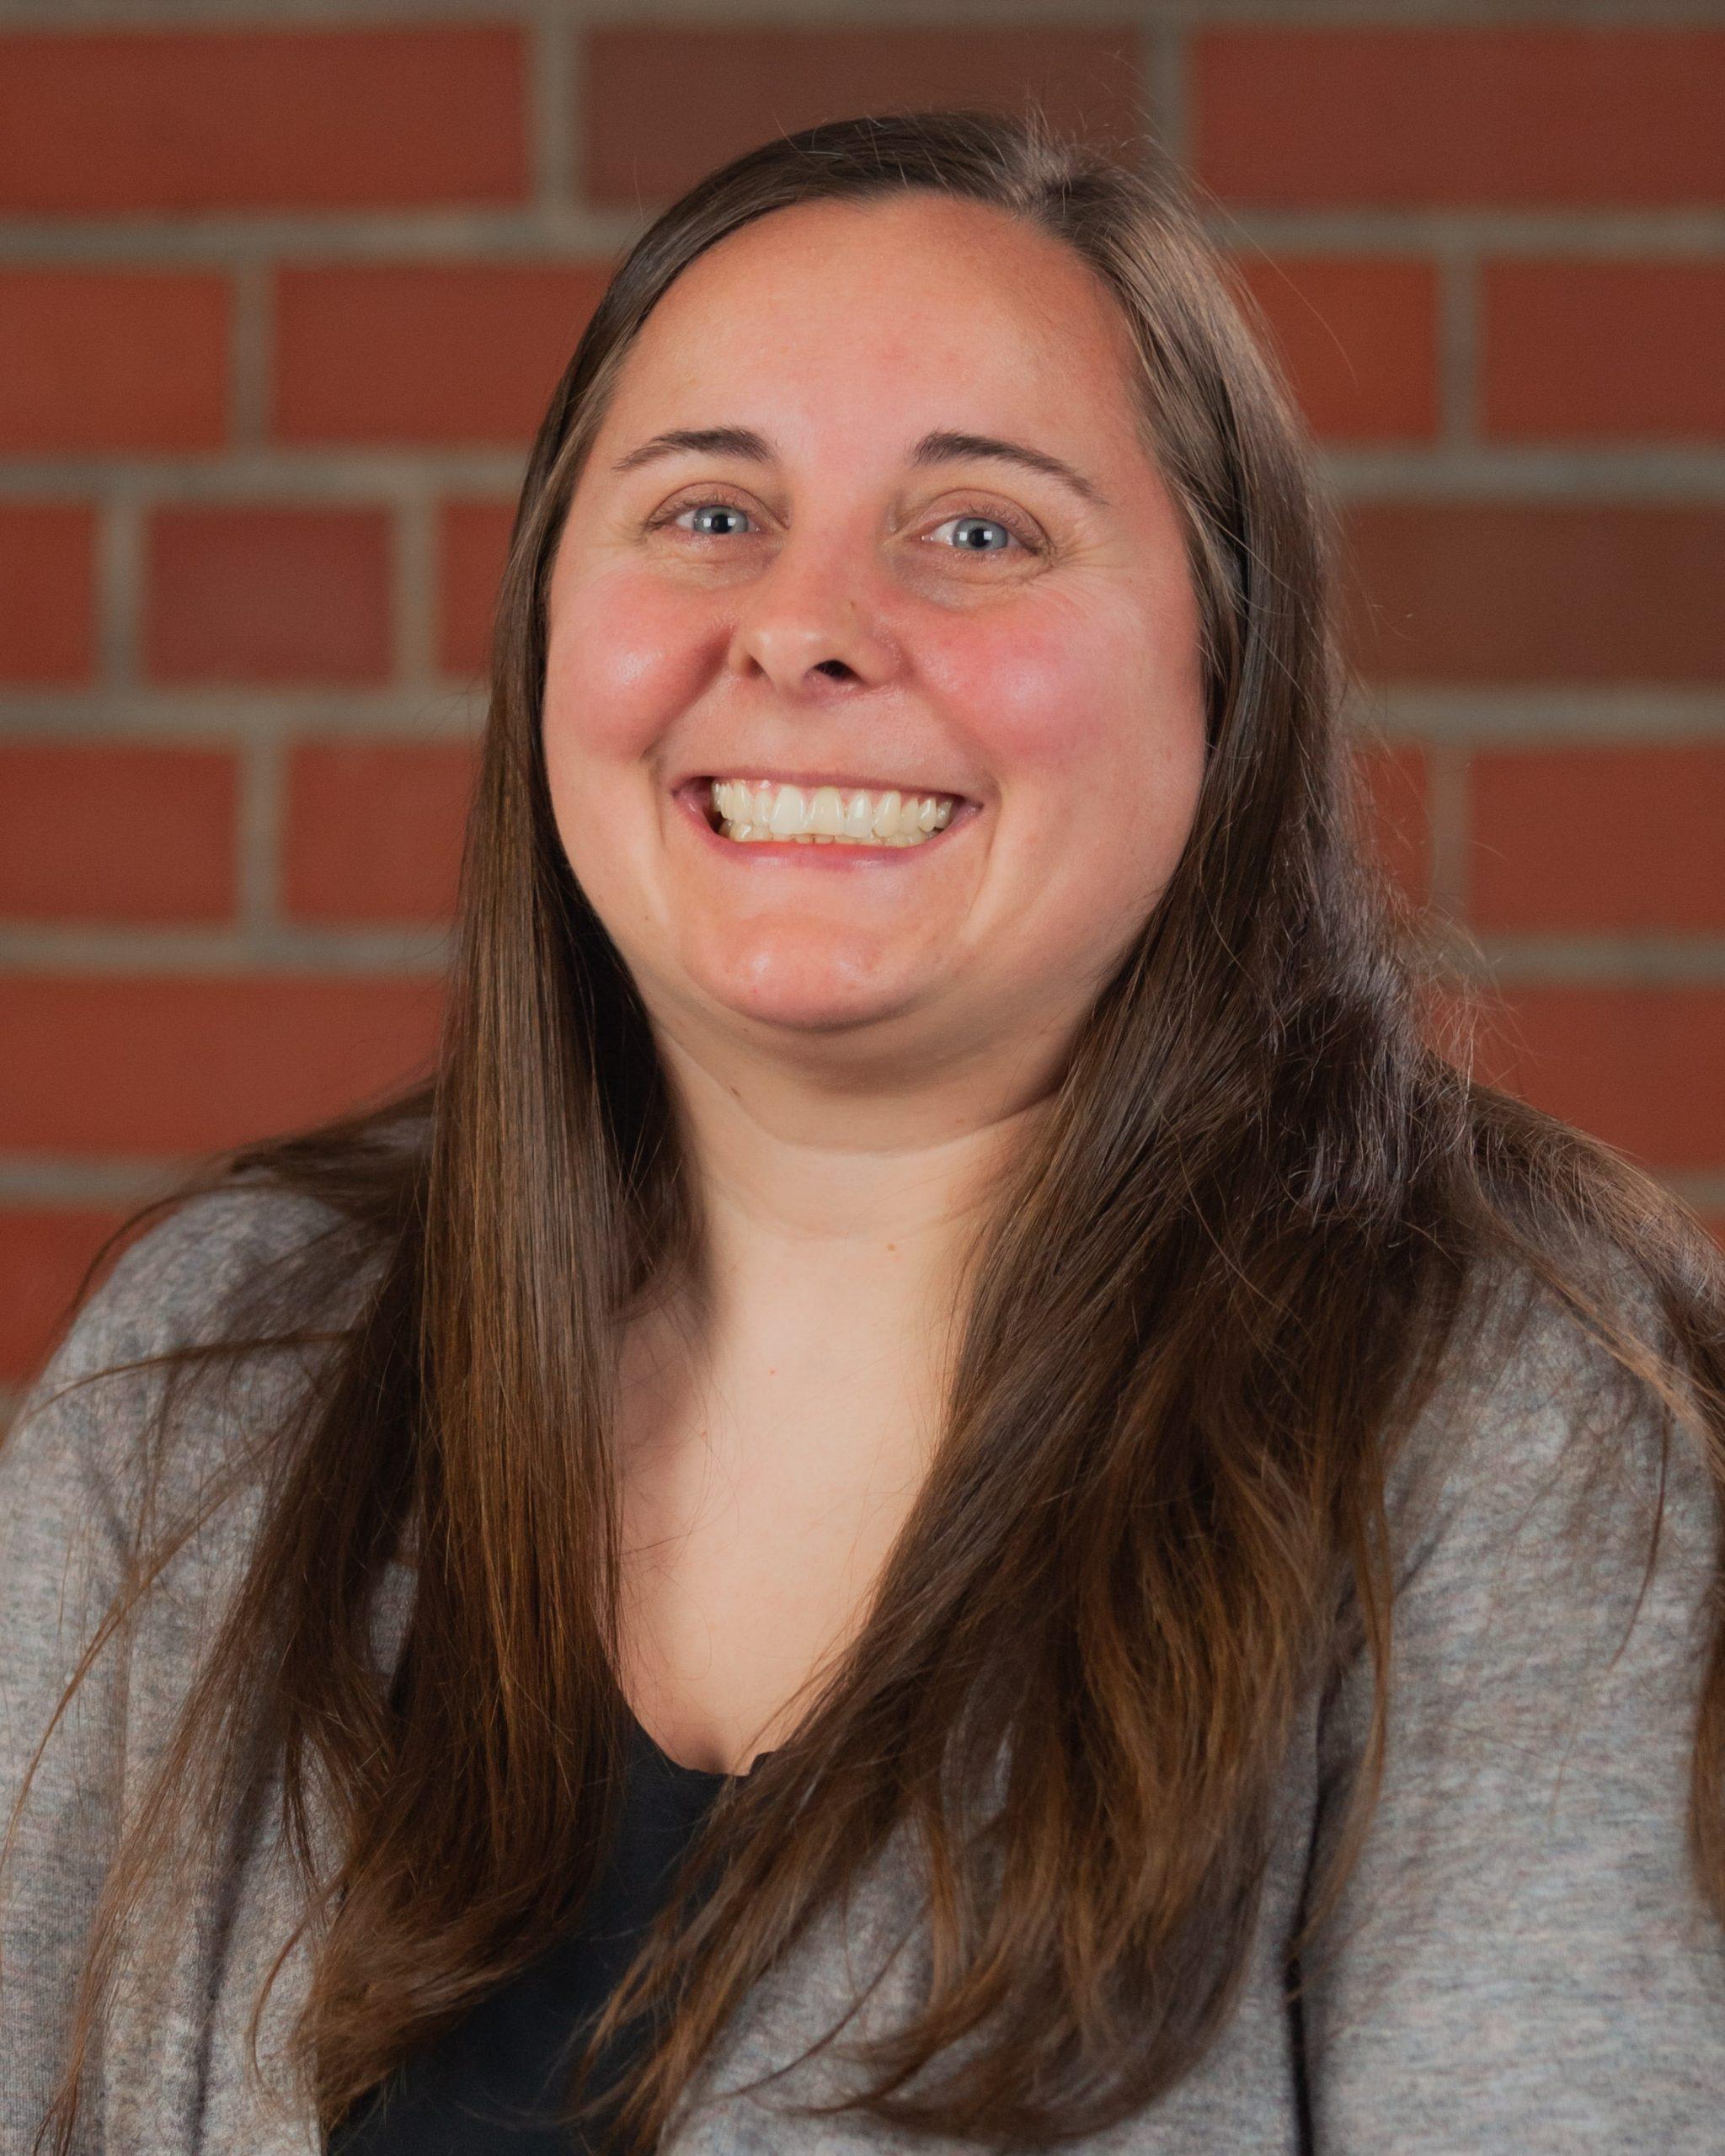 Image of Kathleen Finch